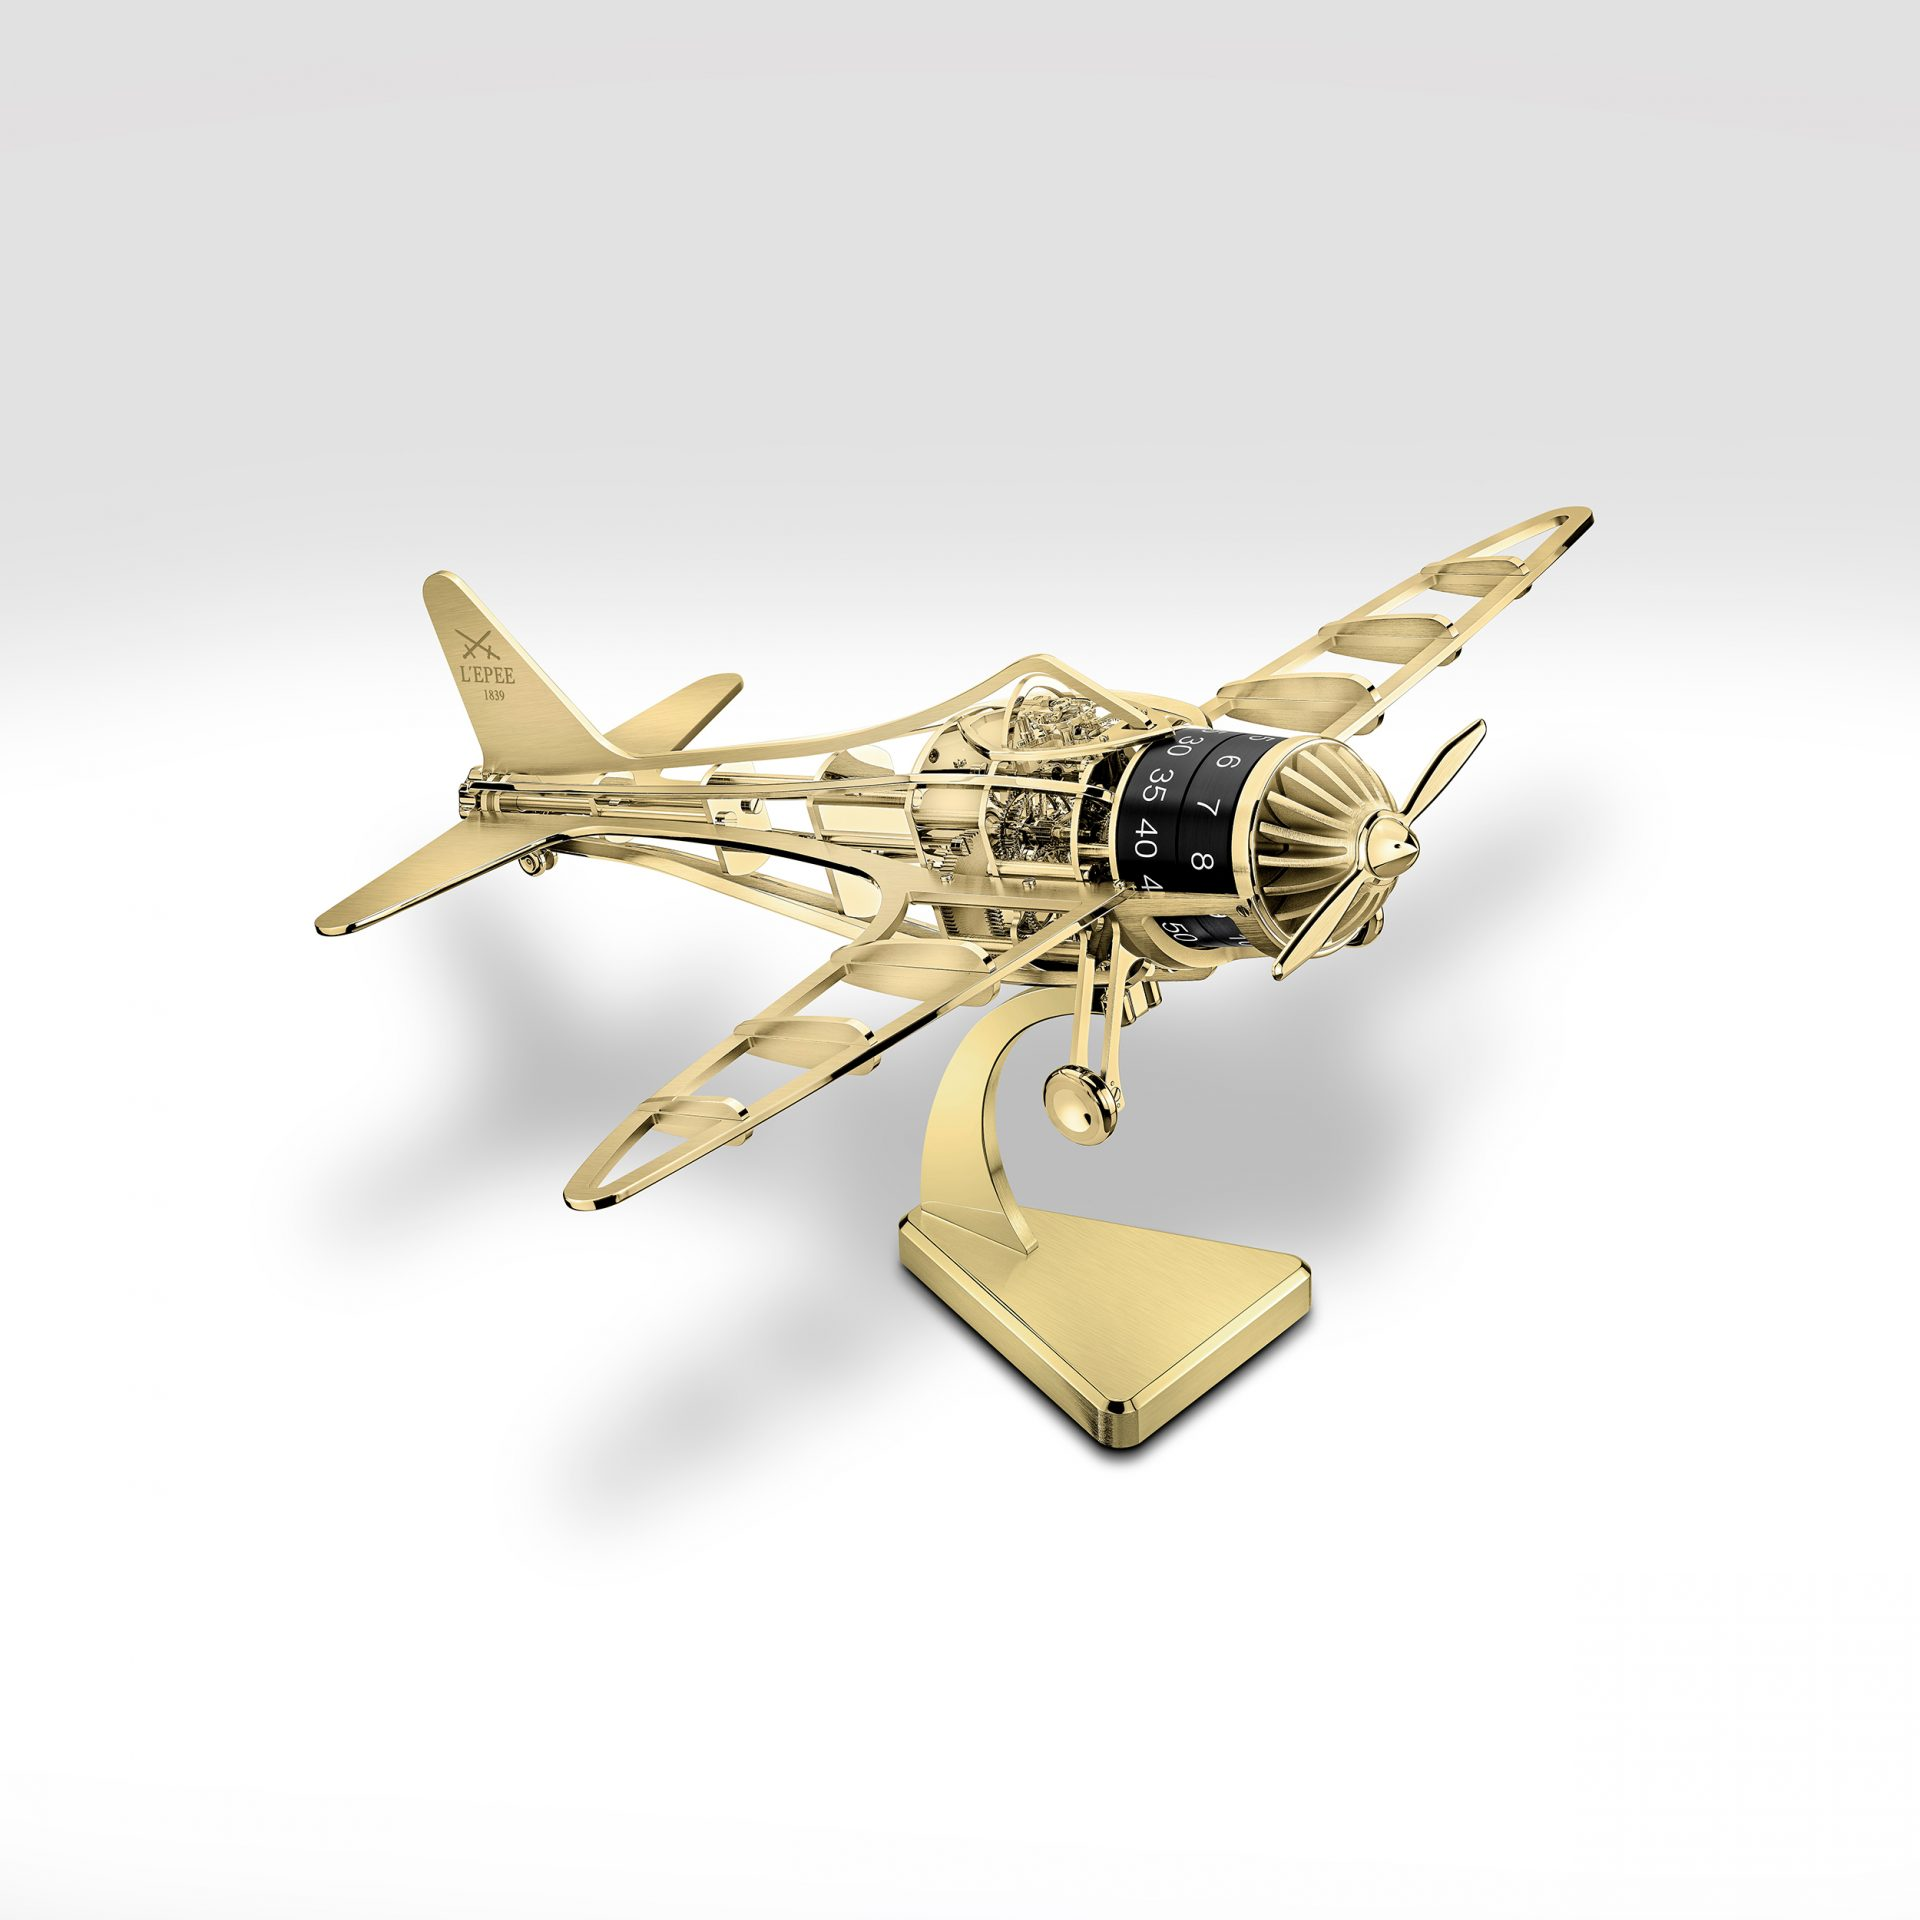 El avión Time Flies en la versión dorada con peana